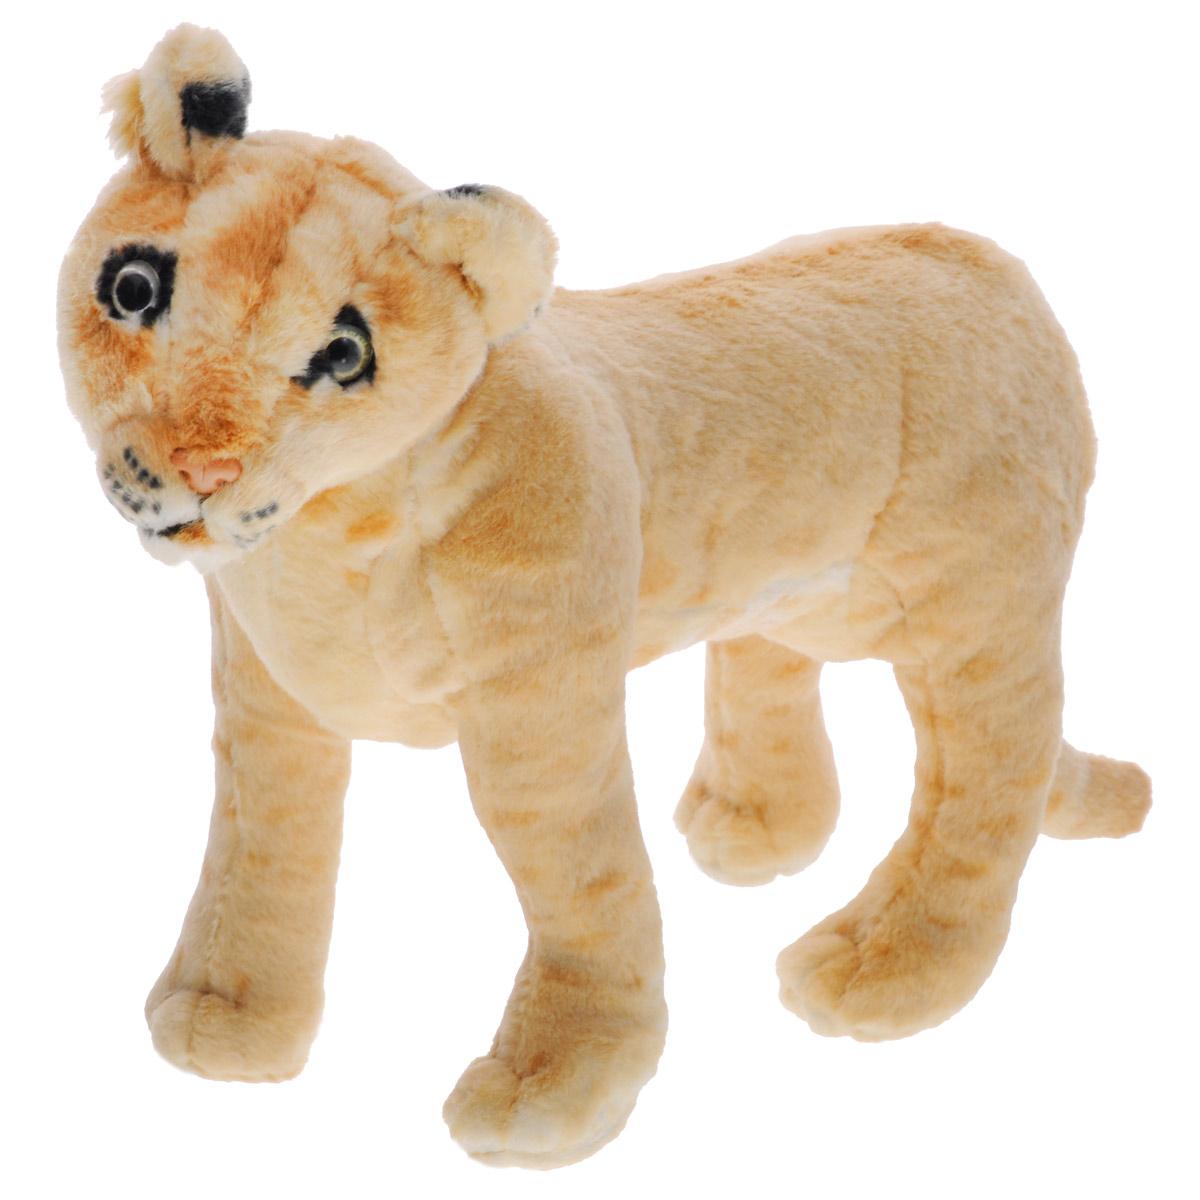 Magic Bear Toys Мягкая игрушка Лев, 30 см. R-SL30FR-SL30FОчаровательная игрушка Magic Bear Toys Лев выполнена в виде красивого льва. Игрушка изготовлена из нетоксичных экологически чистых материалов. Глазки и носик выполнены из пластика. Зверек обладает мягкой бежевой шерсткой, выполненной из искусственного меха. Благодаря внутреннему специальному каркасу, лев может самостоятельно стоять. Для набивки используется силиконизированное волокно. Удивительно мягкая игрушка принесет радость и подарит своему обладателю мгновения нежных объятий и приятных воспоминаний. Великолепное качество исполнения делают эту игрушку чудесным подарком к любому празднику. Трогательная и симпатичная, она непременно вызовет улыбку у детей и взрослых.